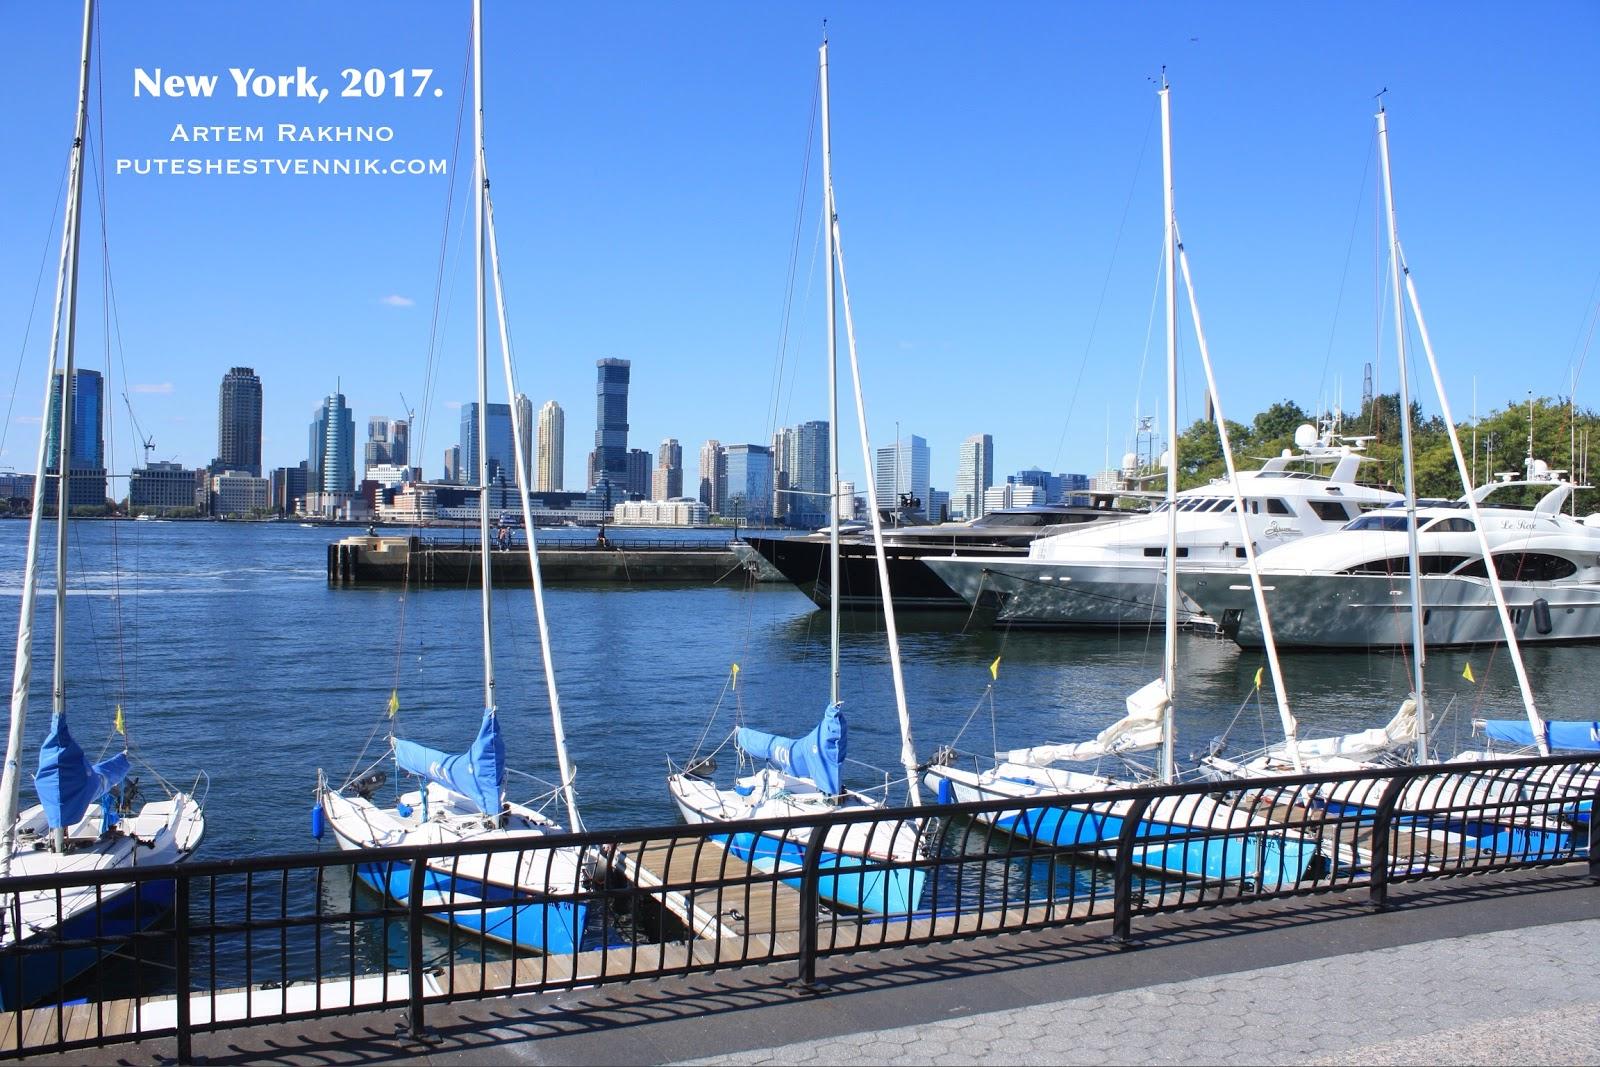 Яхты на причале у острова Манхэттен